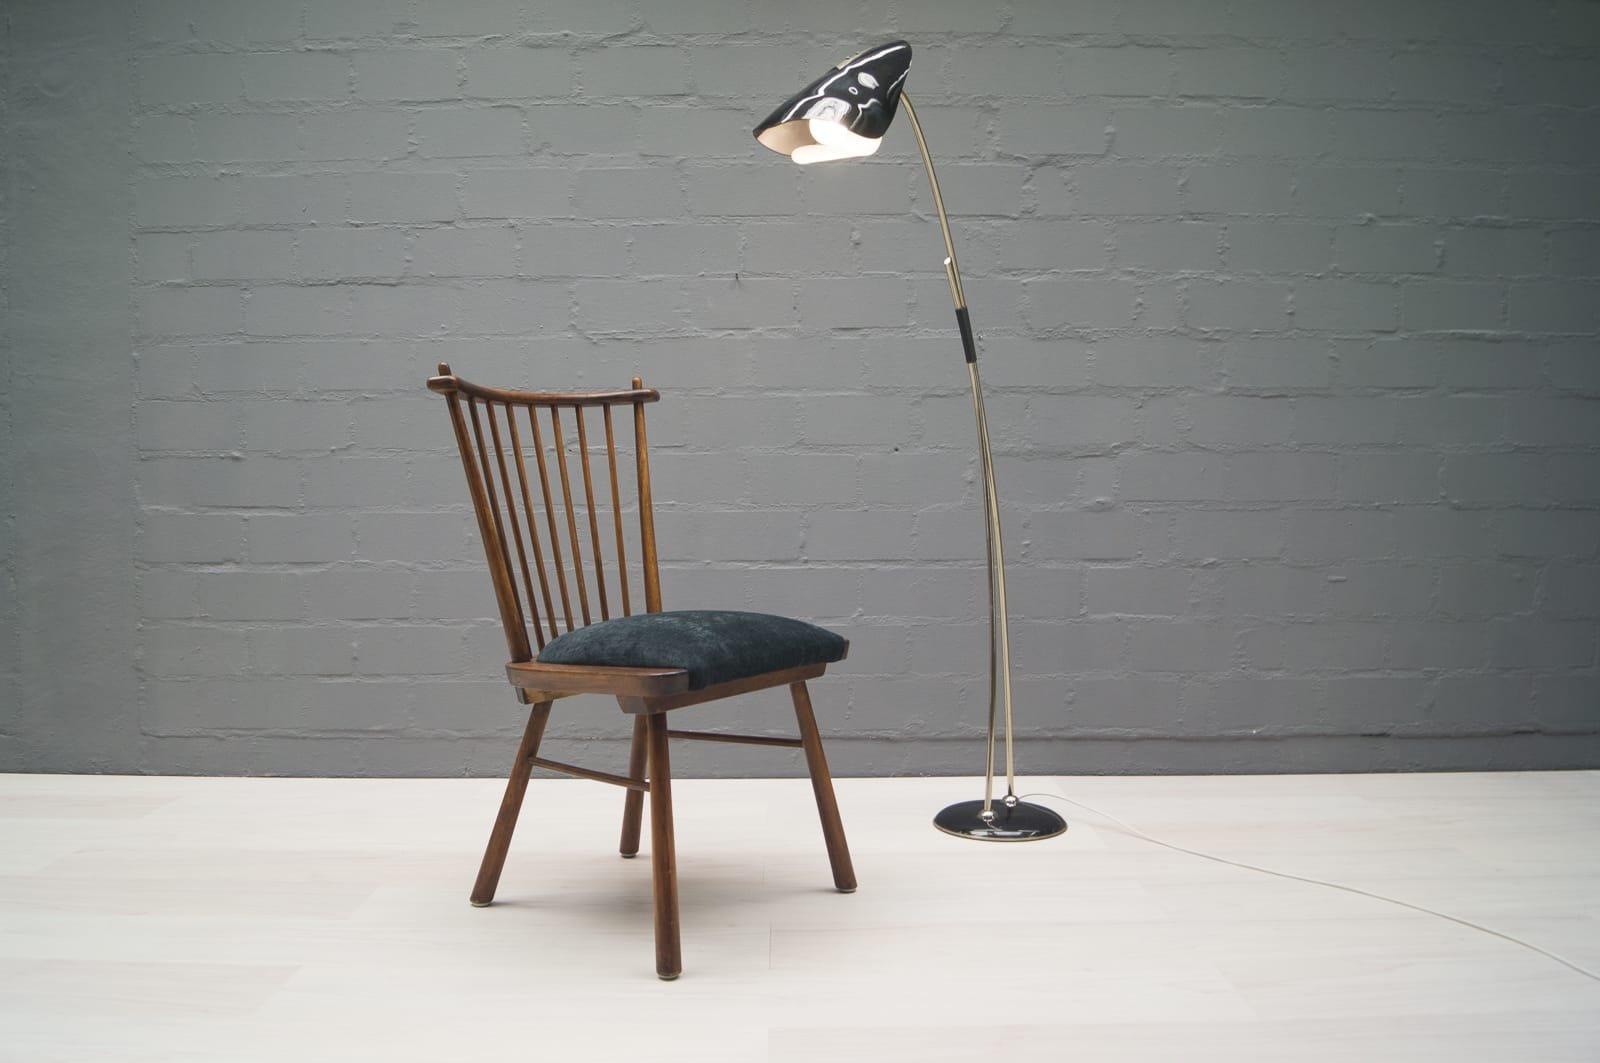 italienische vintage stehlampe mit zweifarbigen schirm bei. Black Bedroom Furniture Sets. Home Design Ideas